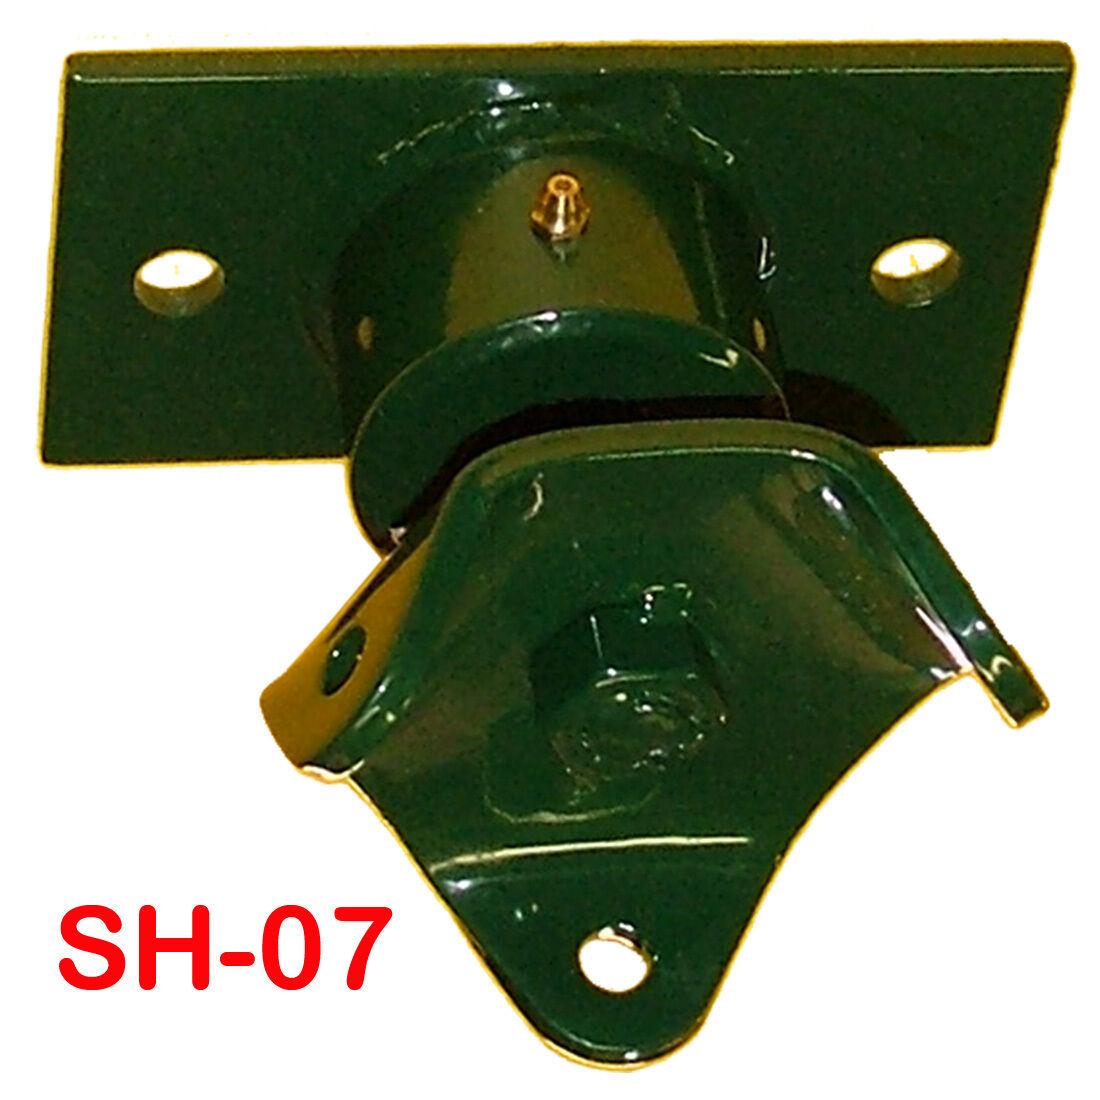 Swing Set Swivel Tire Swing Swivel hanger hardware hardware hardware Playset tire swing swivel 818a4b